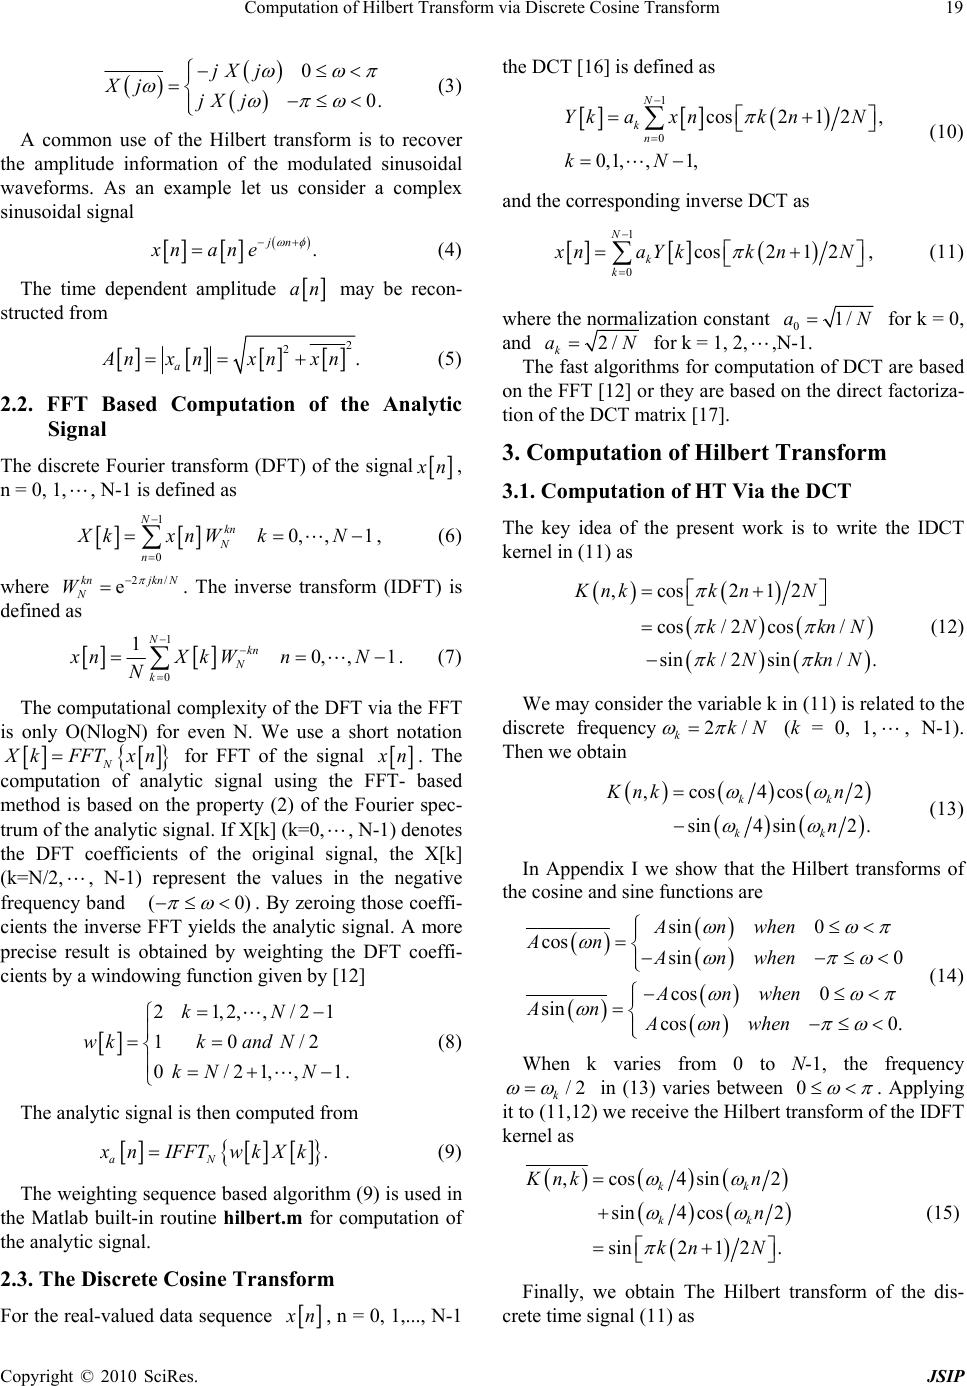 Computation of Hilbert Transform via Discrete Cosine Transform